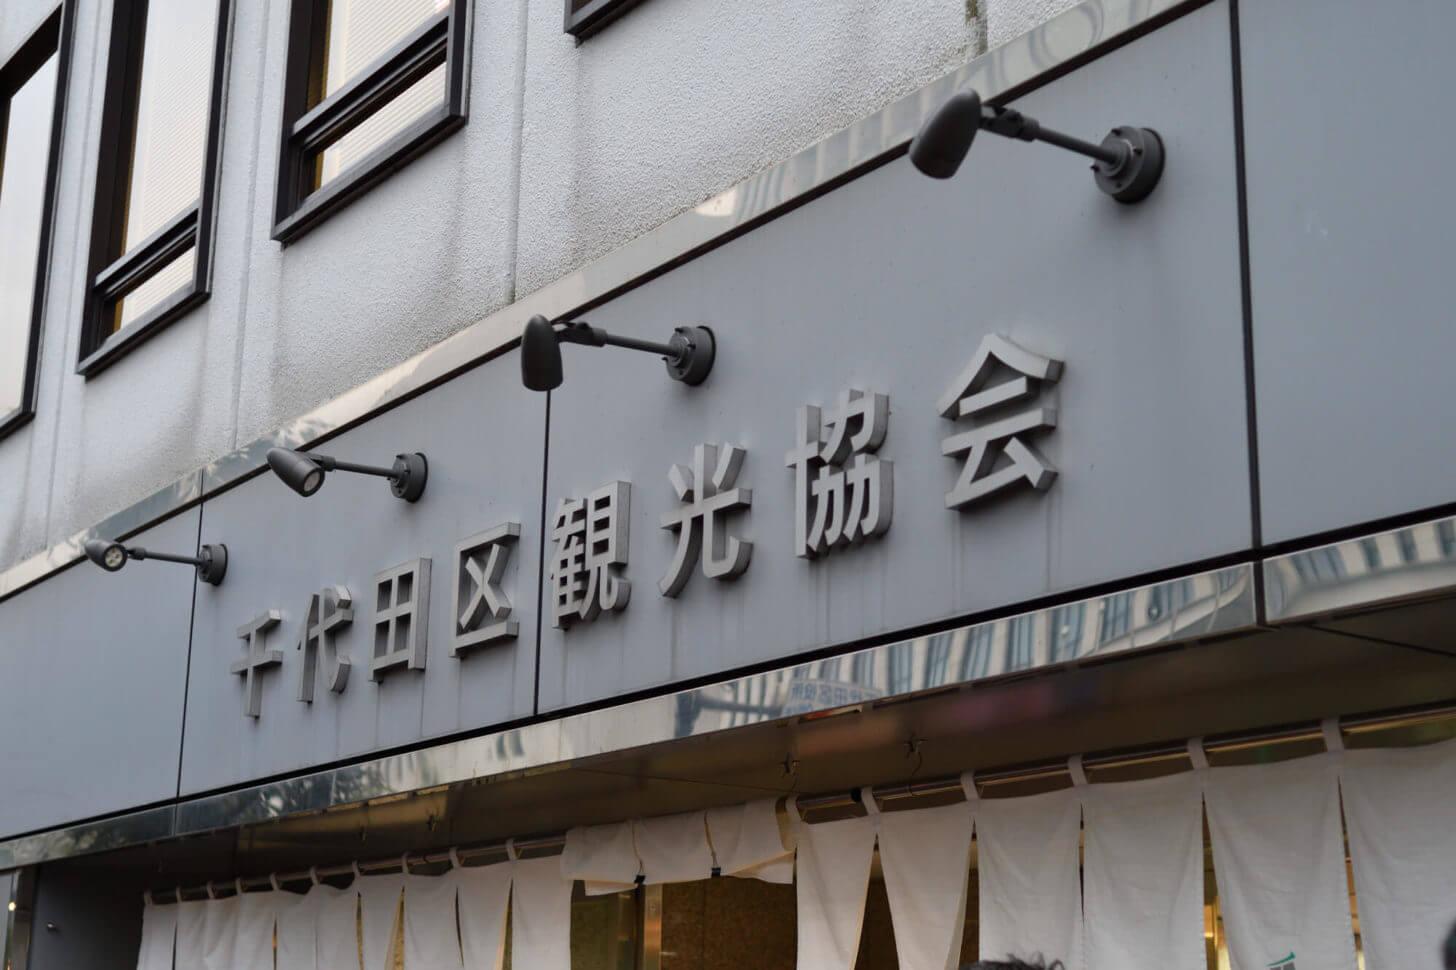 千代田区観光協会の外観